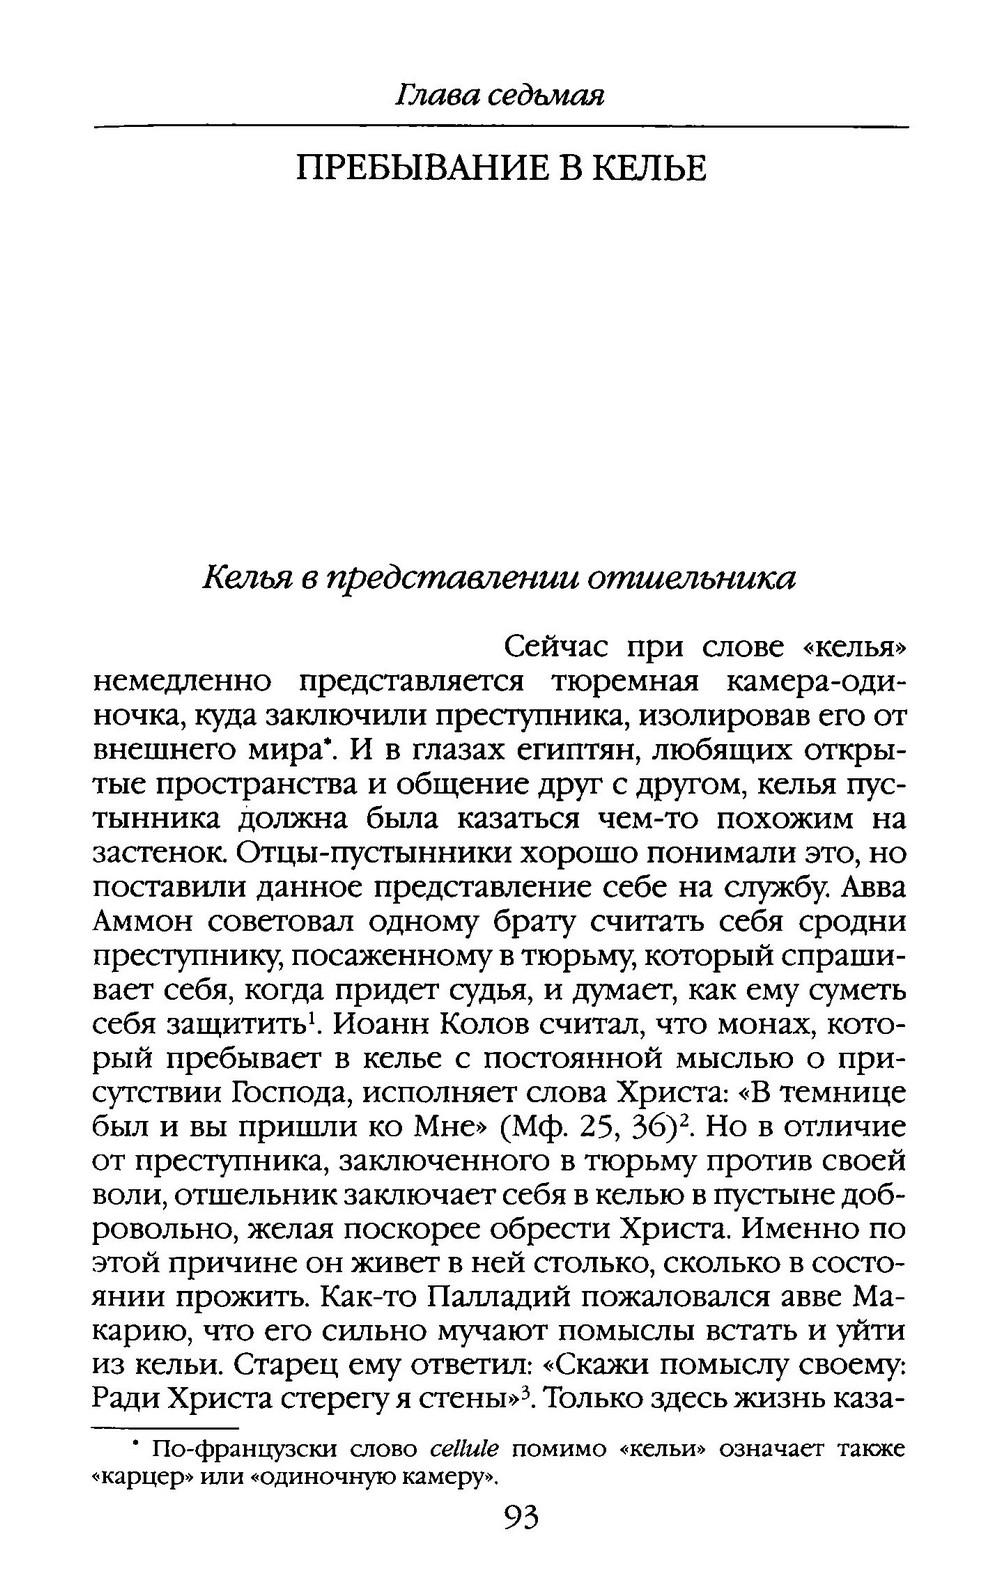 http://images.vfl.ru/ii/1363957565/de295f53/1992294.jpg